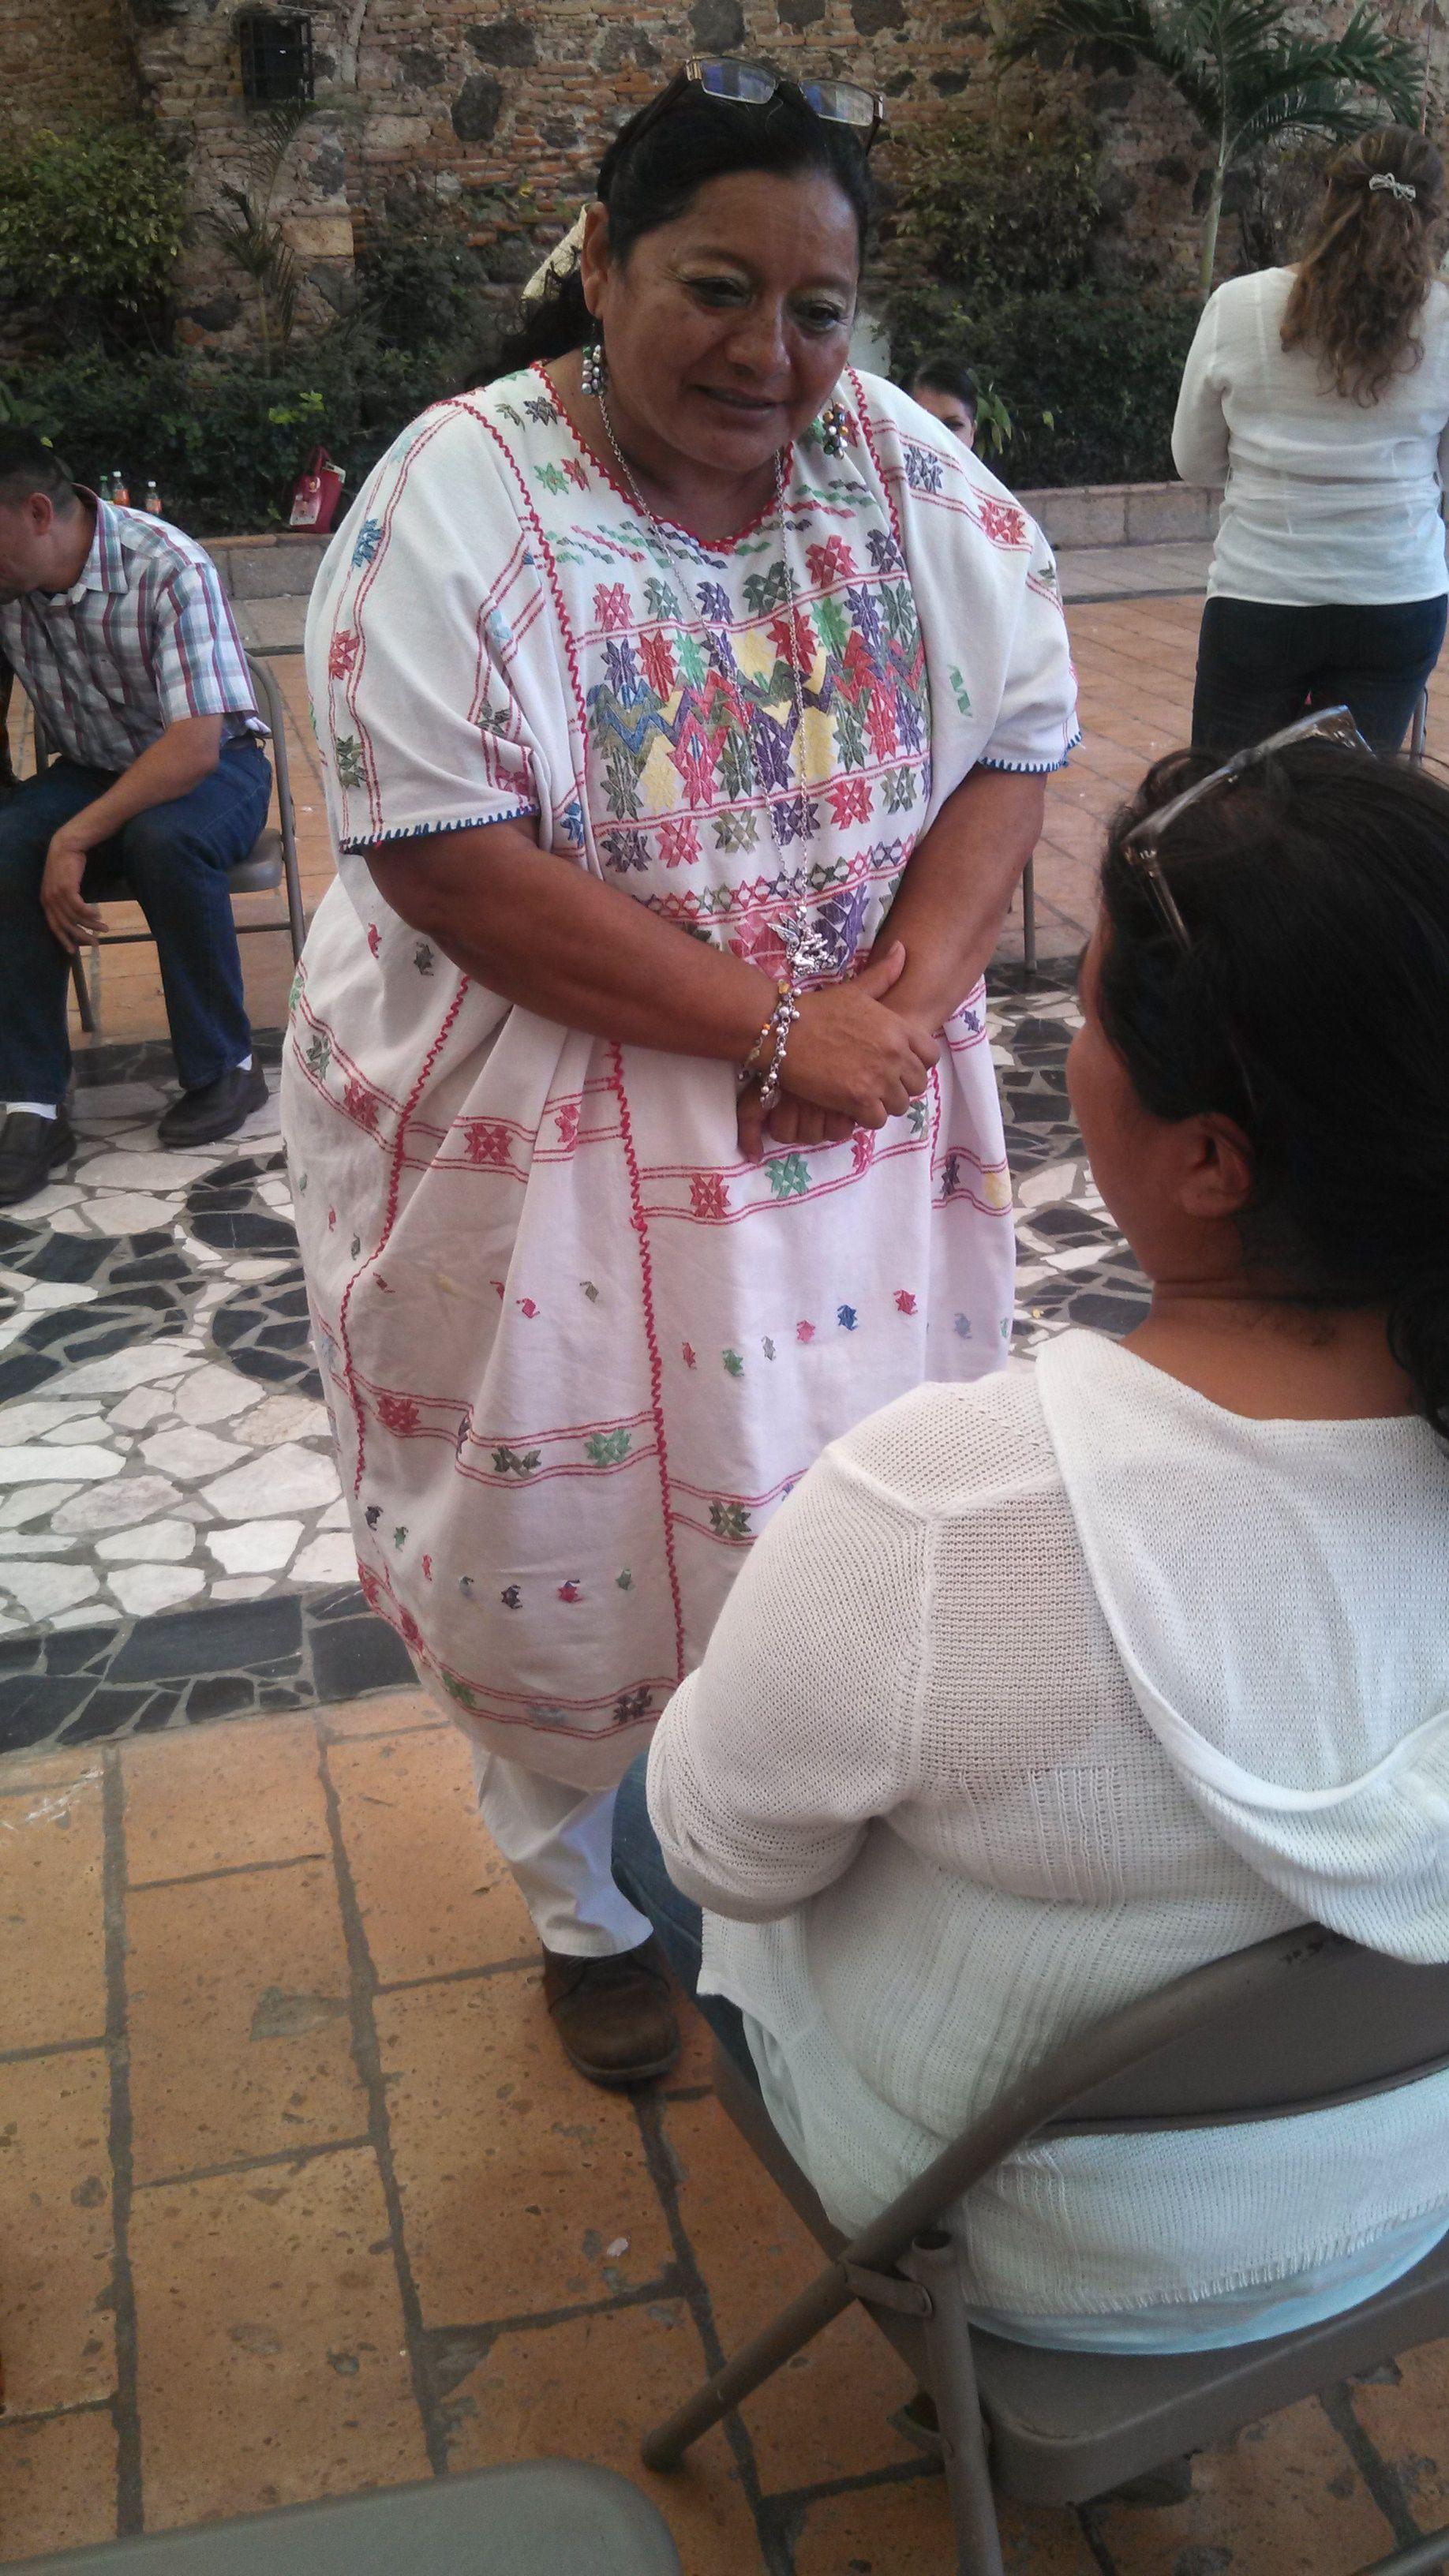 """Actividades del programa """"Lectura en familia"""", en el barrio de Tierras Negras: http://diocesisdecelayamx.blogspot.mx/2014/09/un-exito-lectura-en-familia-en-tierras.html http://soldelbajio.blogspot.mx/2014/09/un-exito-lectura-en-familia-en-tierras.html"""